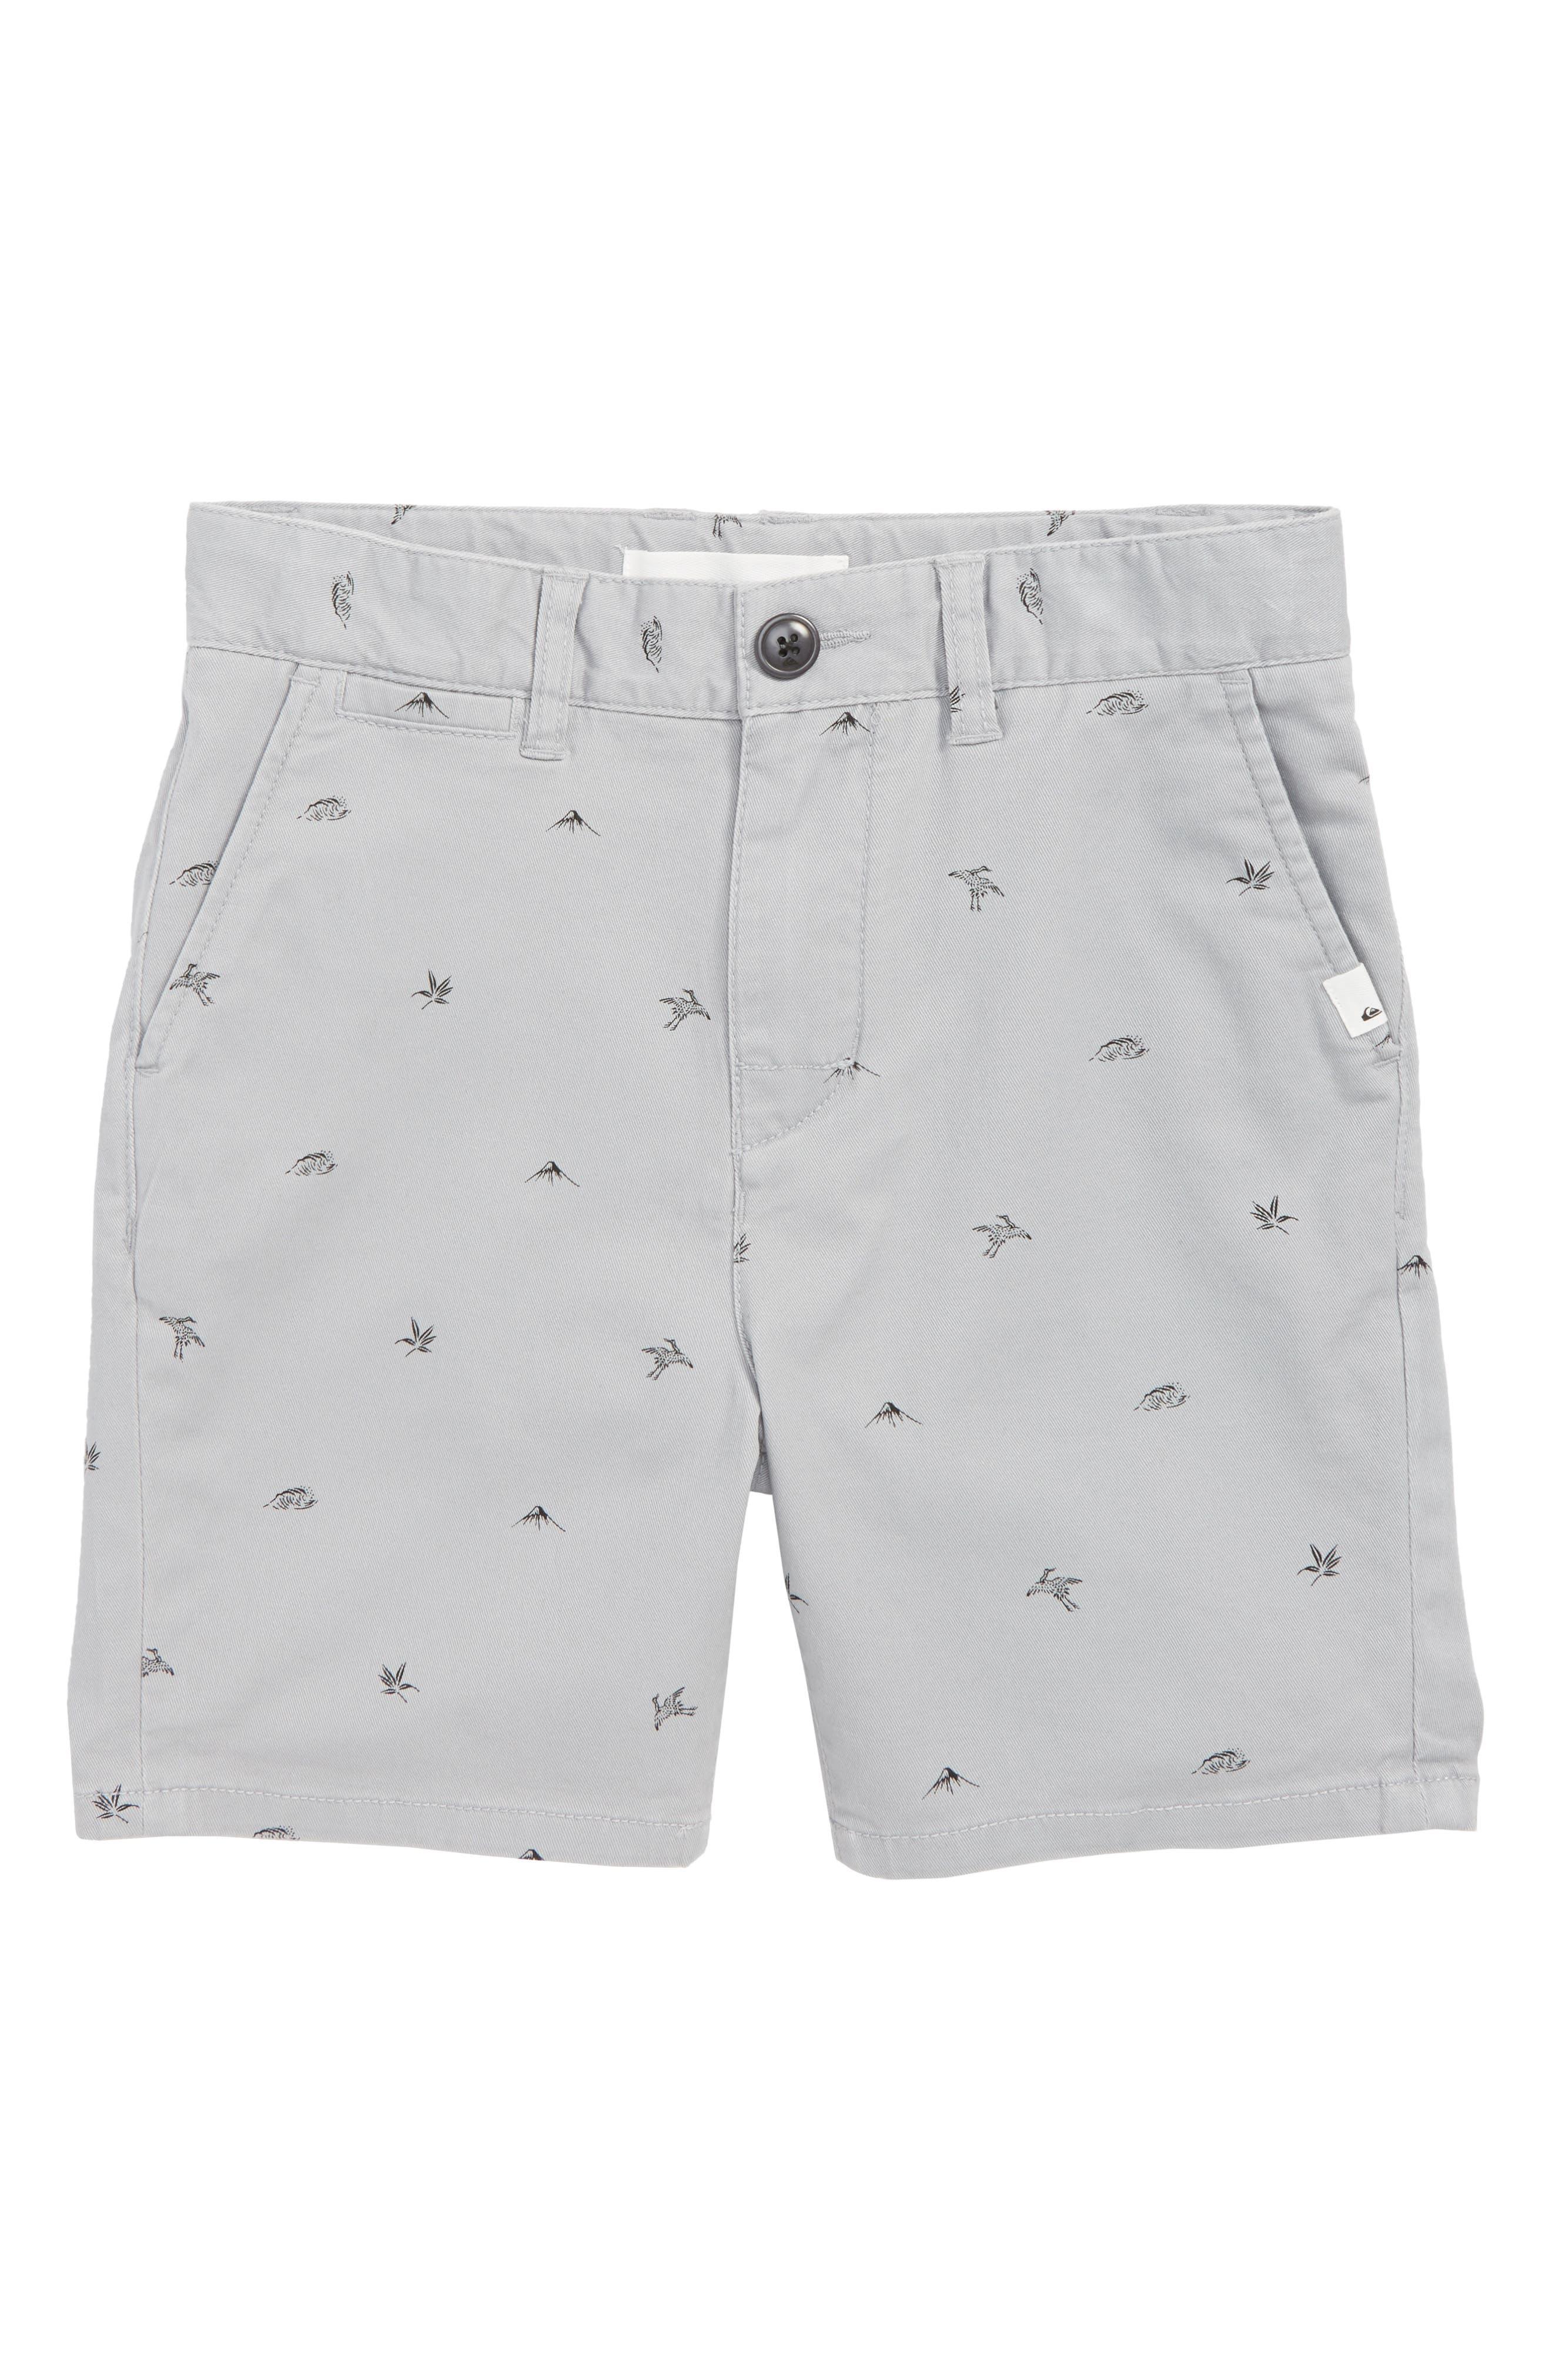 Krandy Fuji Chino Shorts,                             Main thumbnail 1, color,                             SLEET